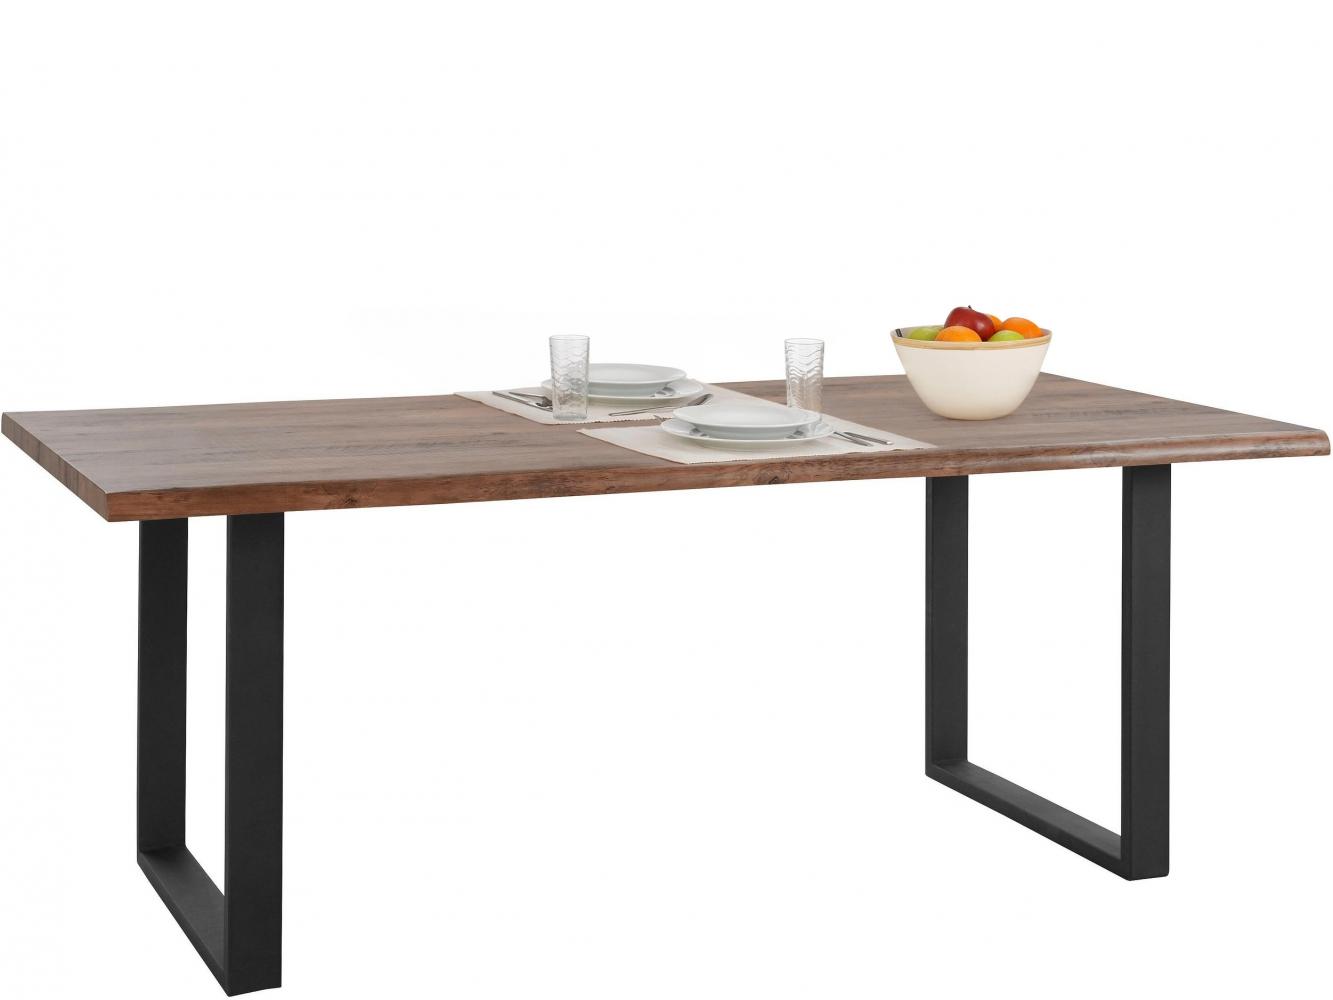 Jídelní stůl Sinc, 200 cm, hnědá / černá